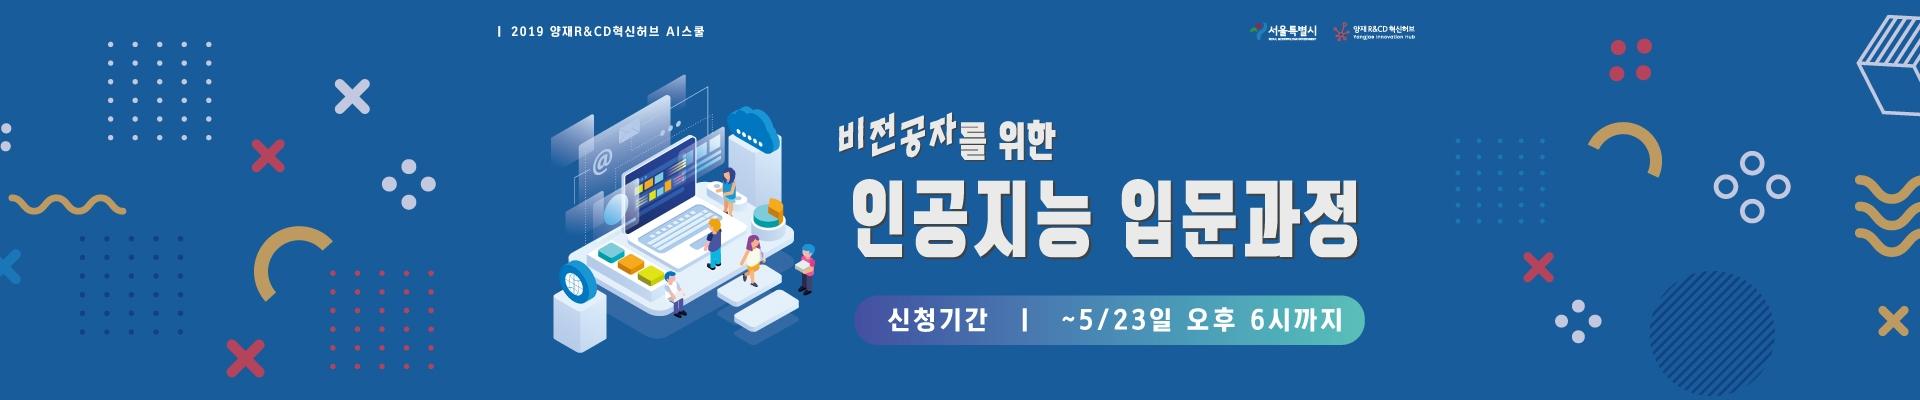 이벤터스_2019 양재R&CD혁신허브 AI스쿨 입문자(알아가기) 양성과정